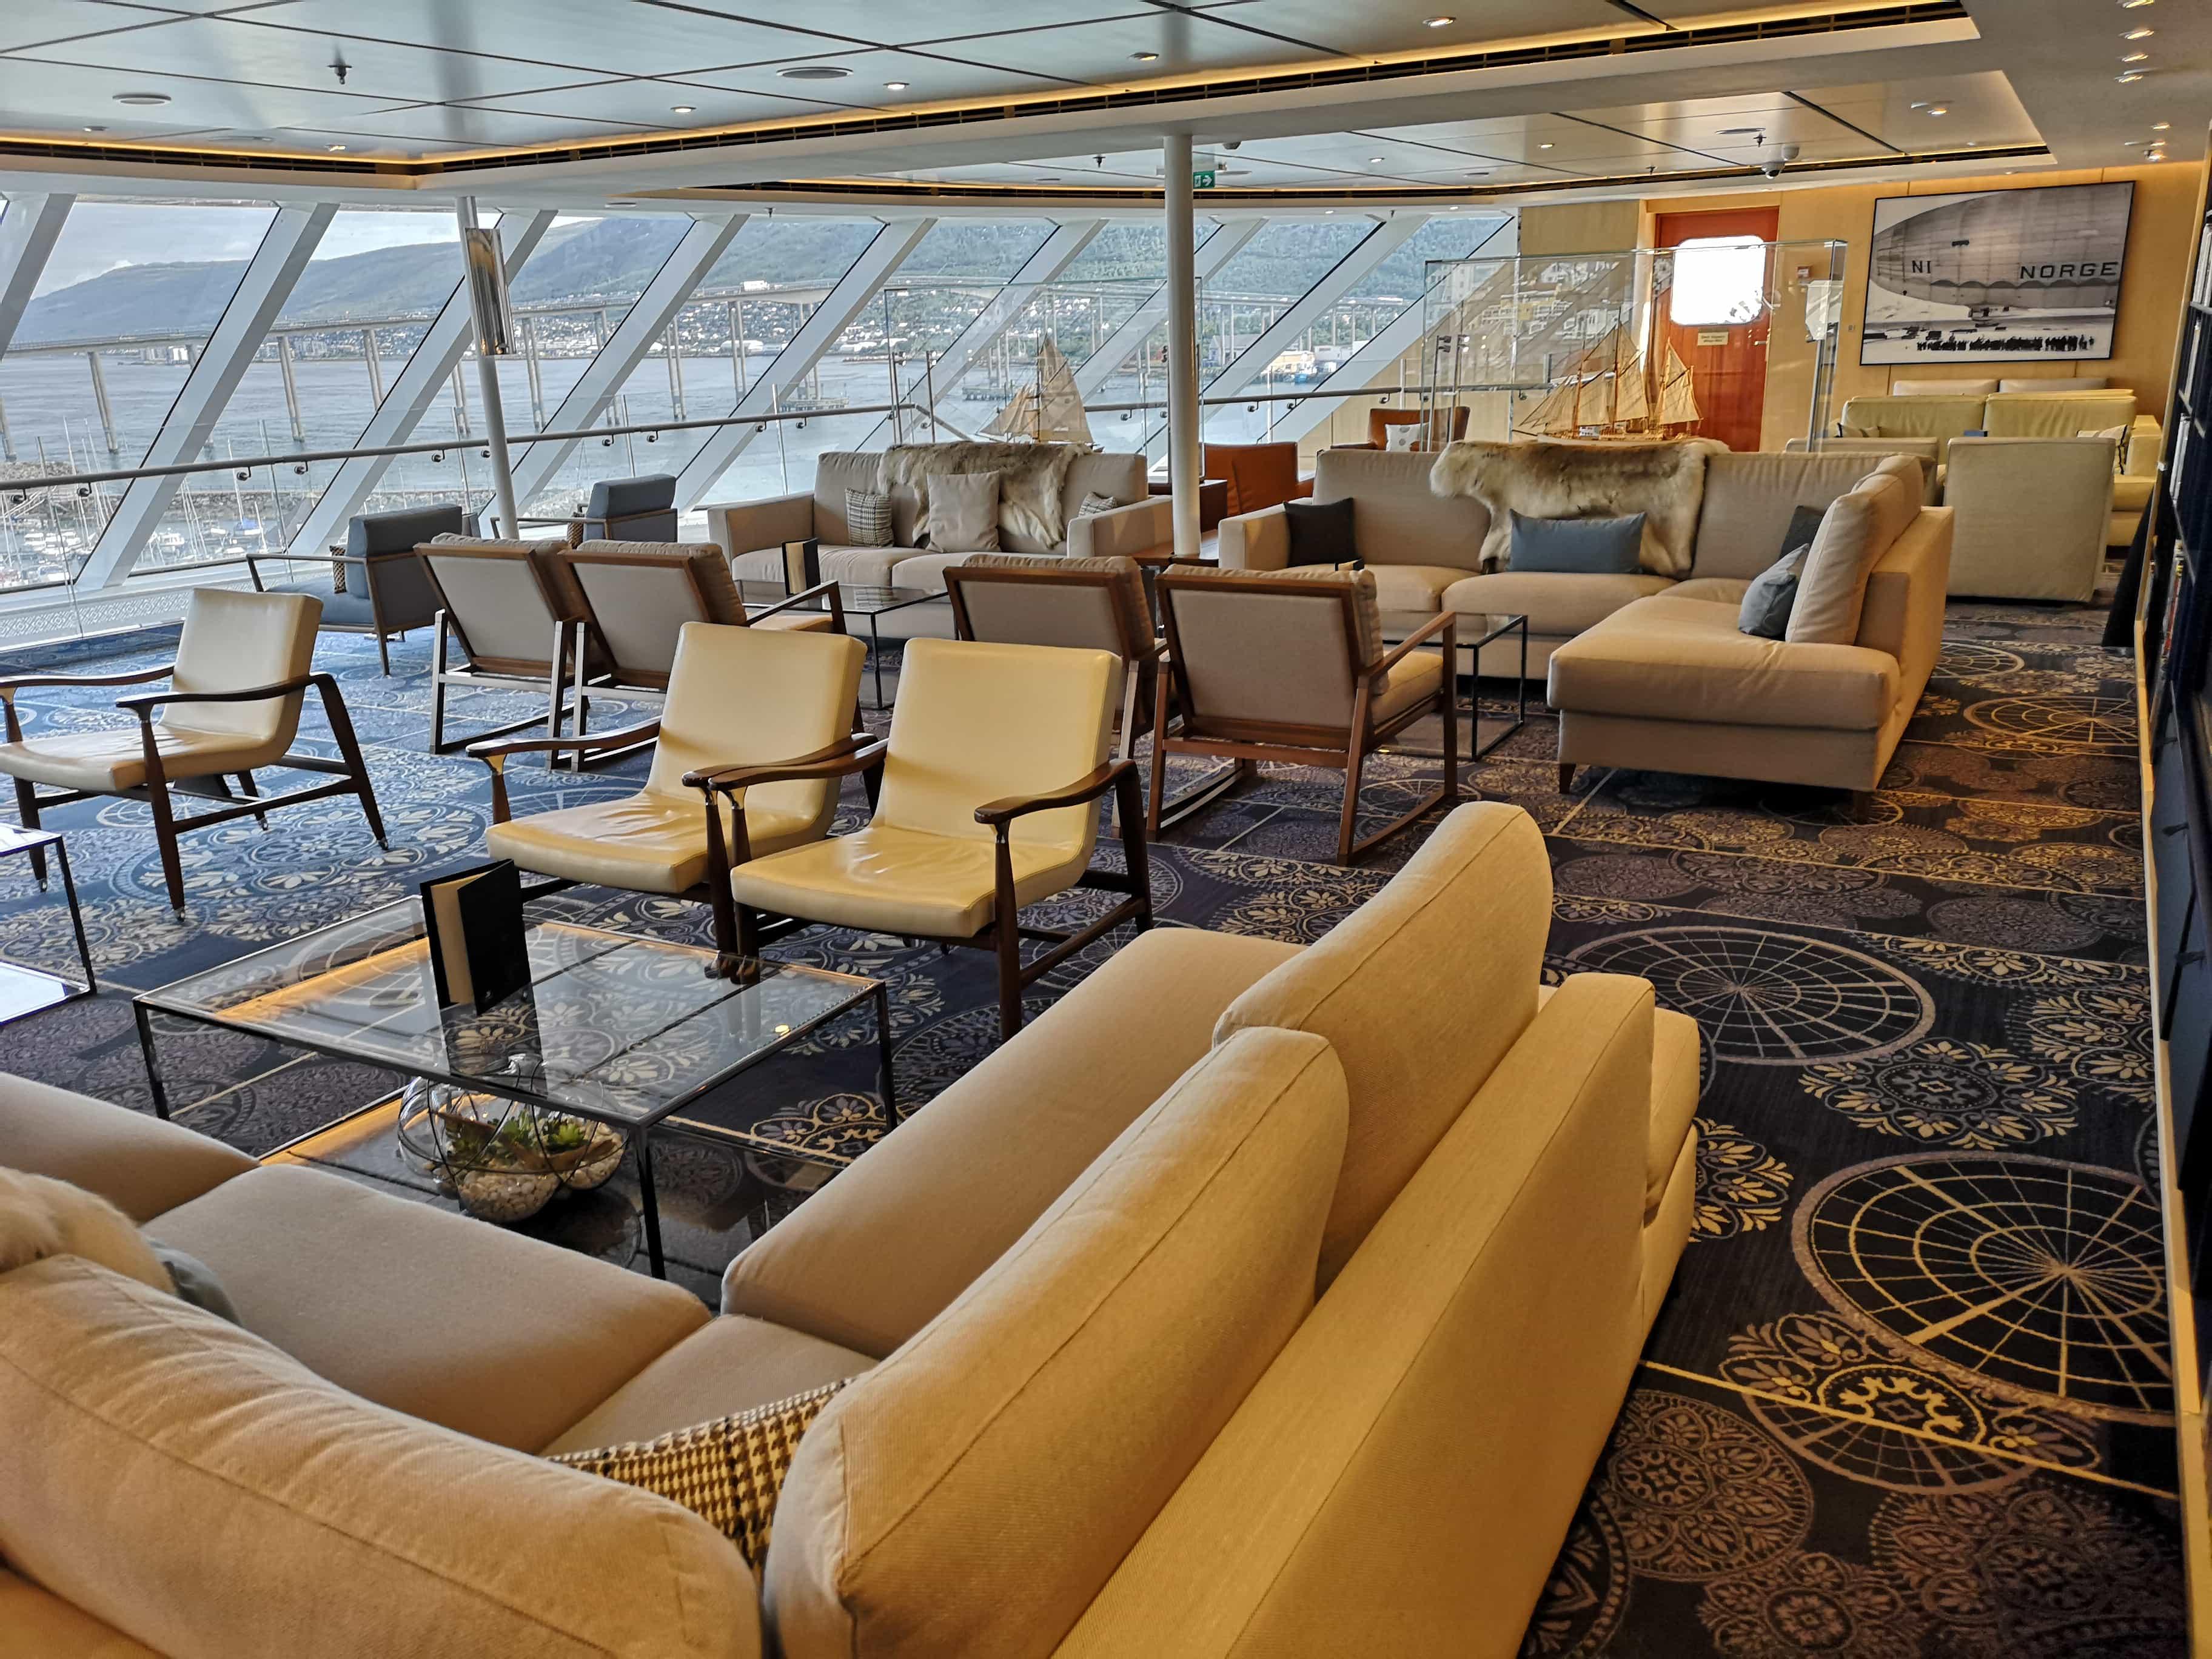 Viking Cruises Sea - Explorers Lounge Sofas Chairs Books